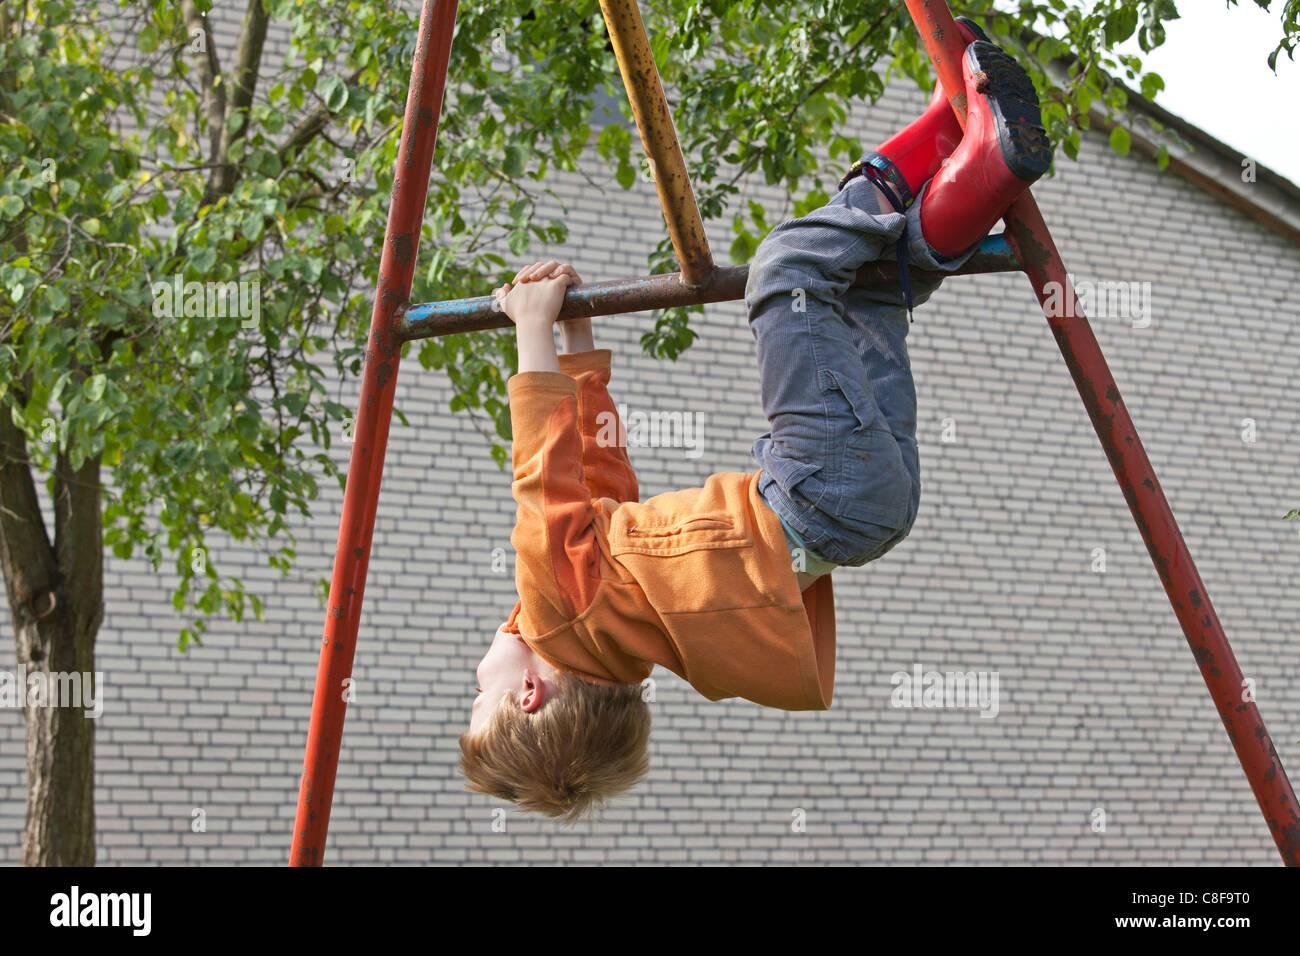 Klettergerüst Am Hang : Kleiner junge weg klettergerüst hängen stockfoto bild: 39674992 alamy